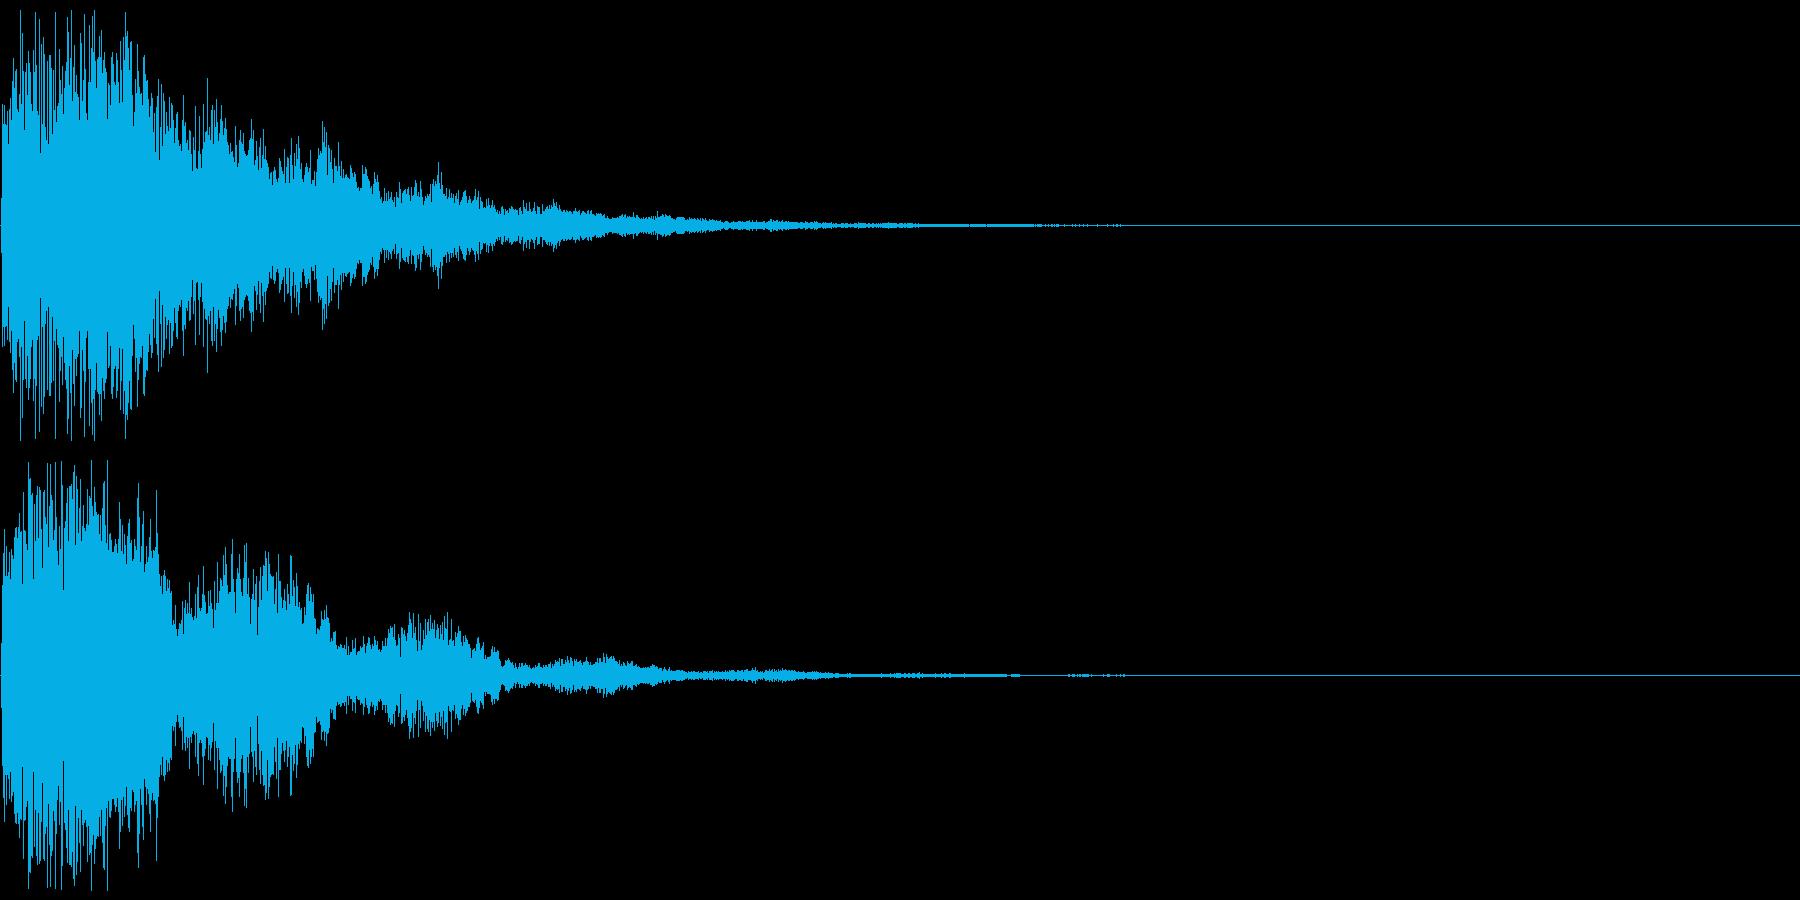 シンセ音(パワーアップ、決定音など)の再生済みの波形